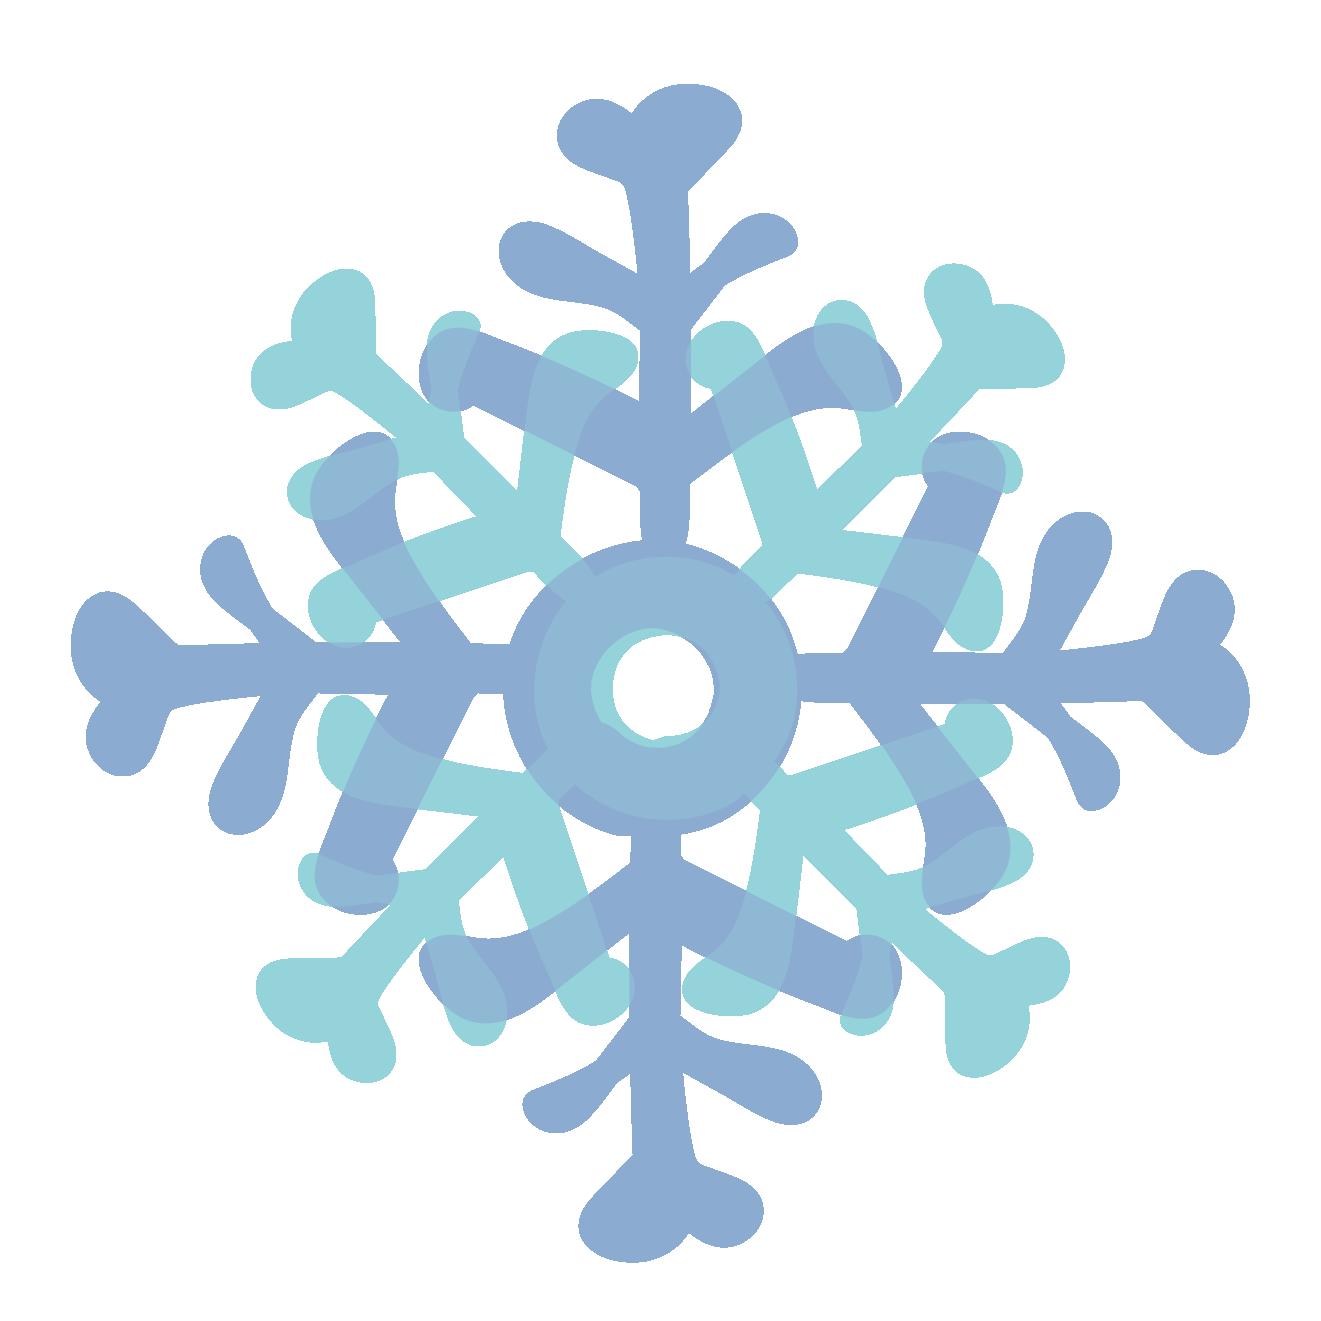 冬!綺麗な雪の結晶イラスト! | 商用フリー(無料)のイラスト素材なら